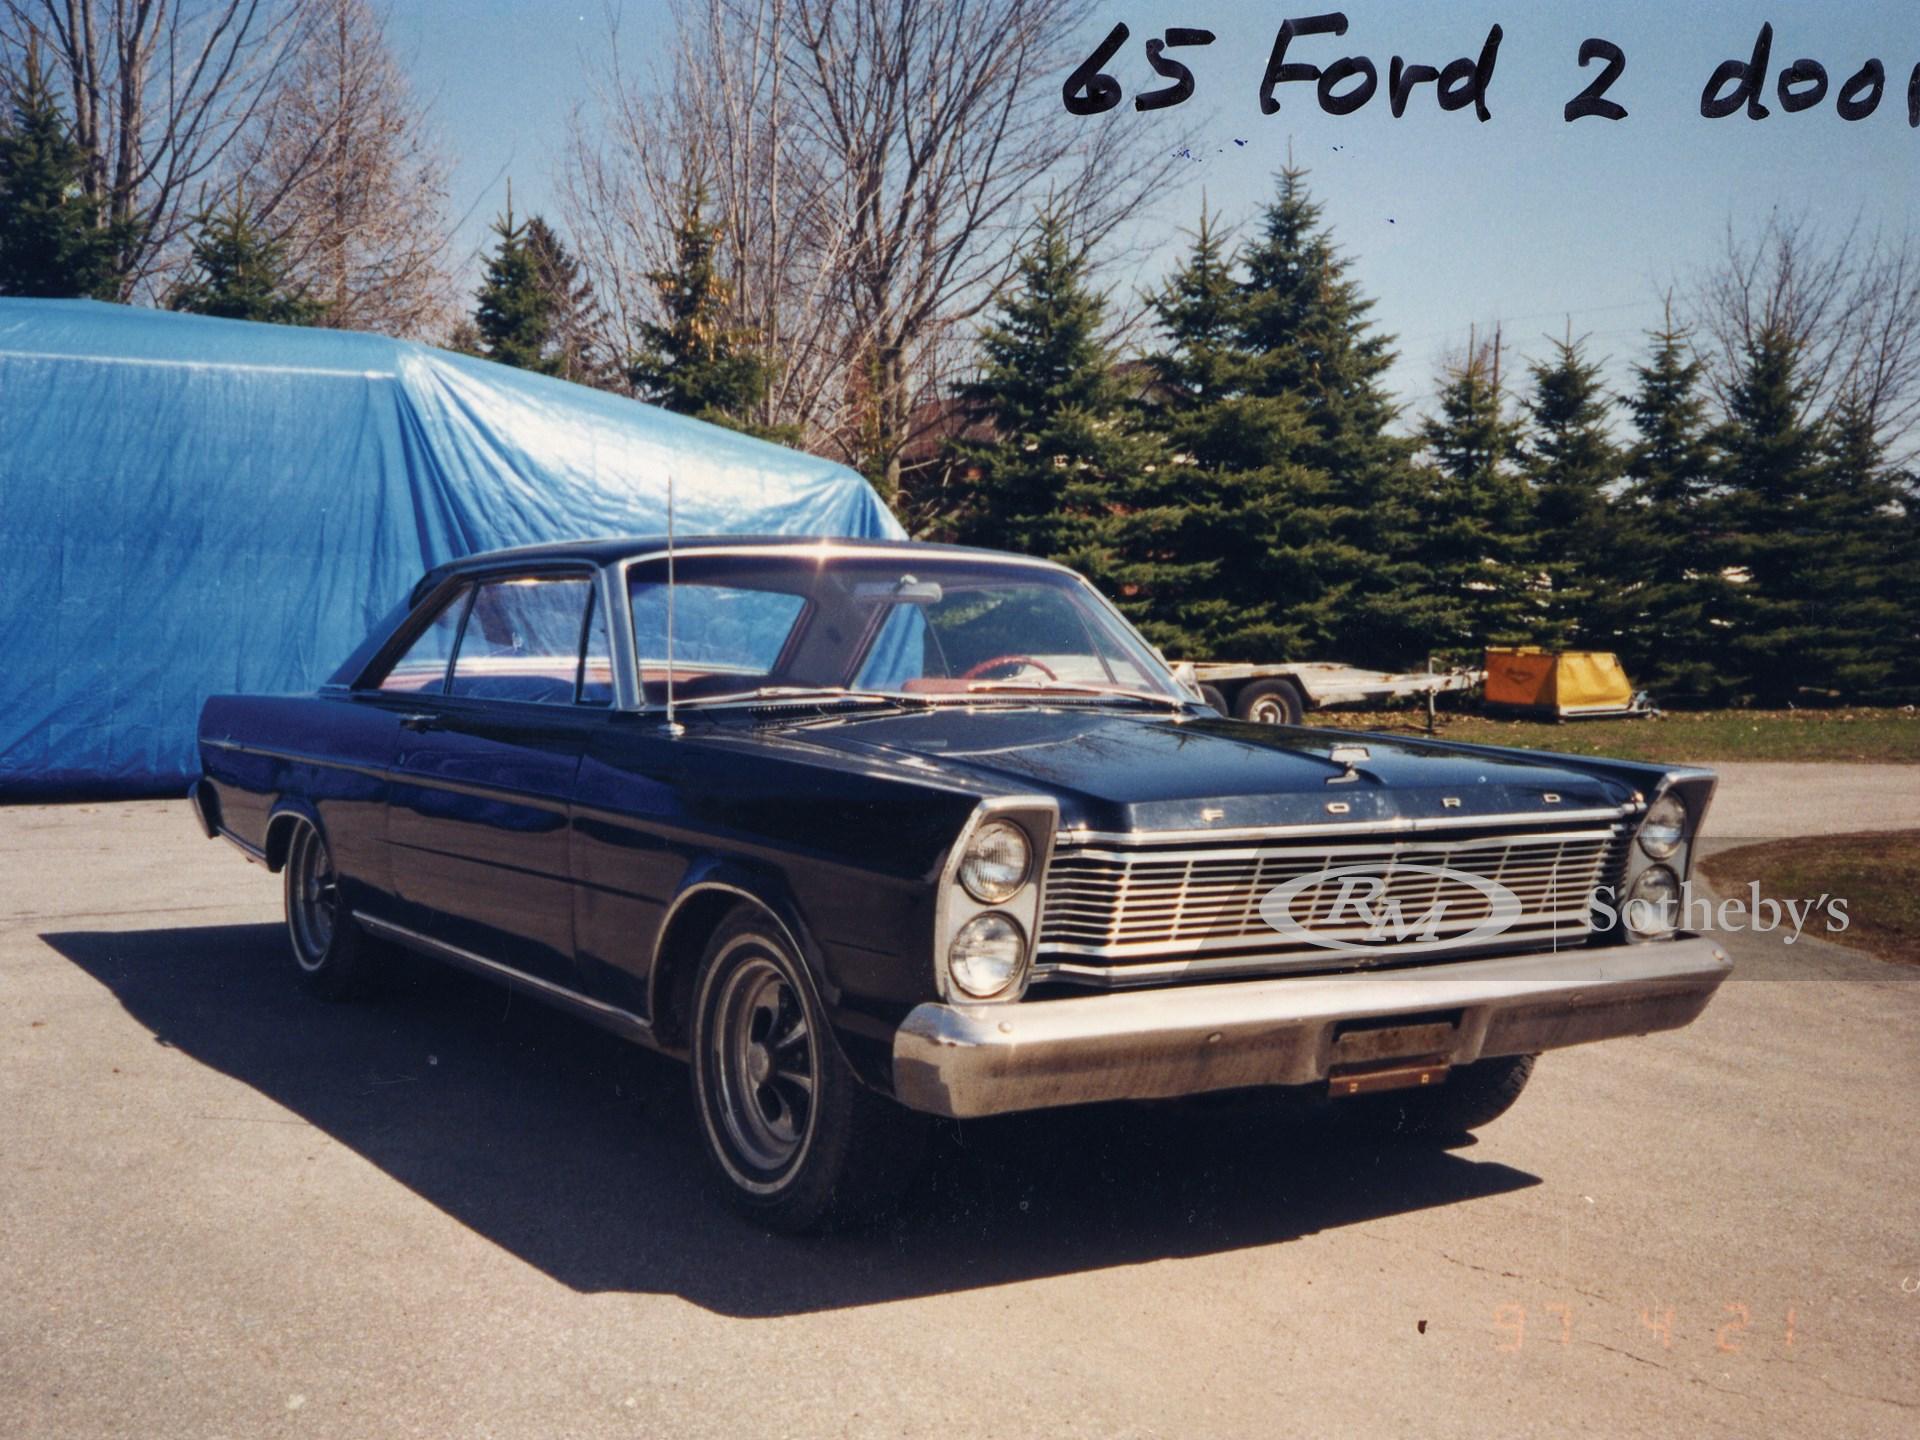 1965 Ford Galaxie 500XL Two Door Hardtop